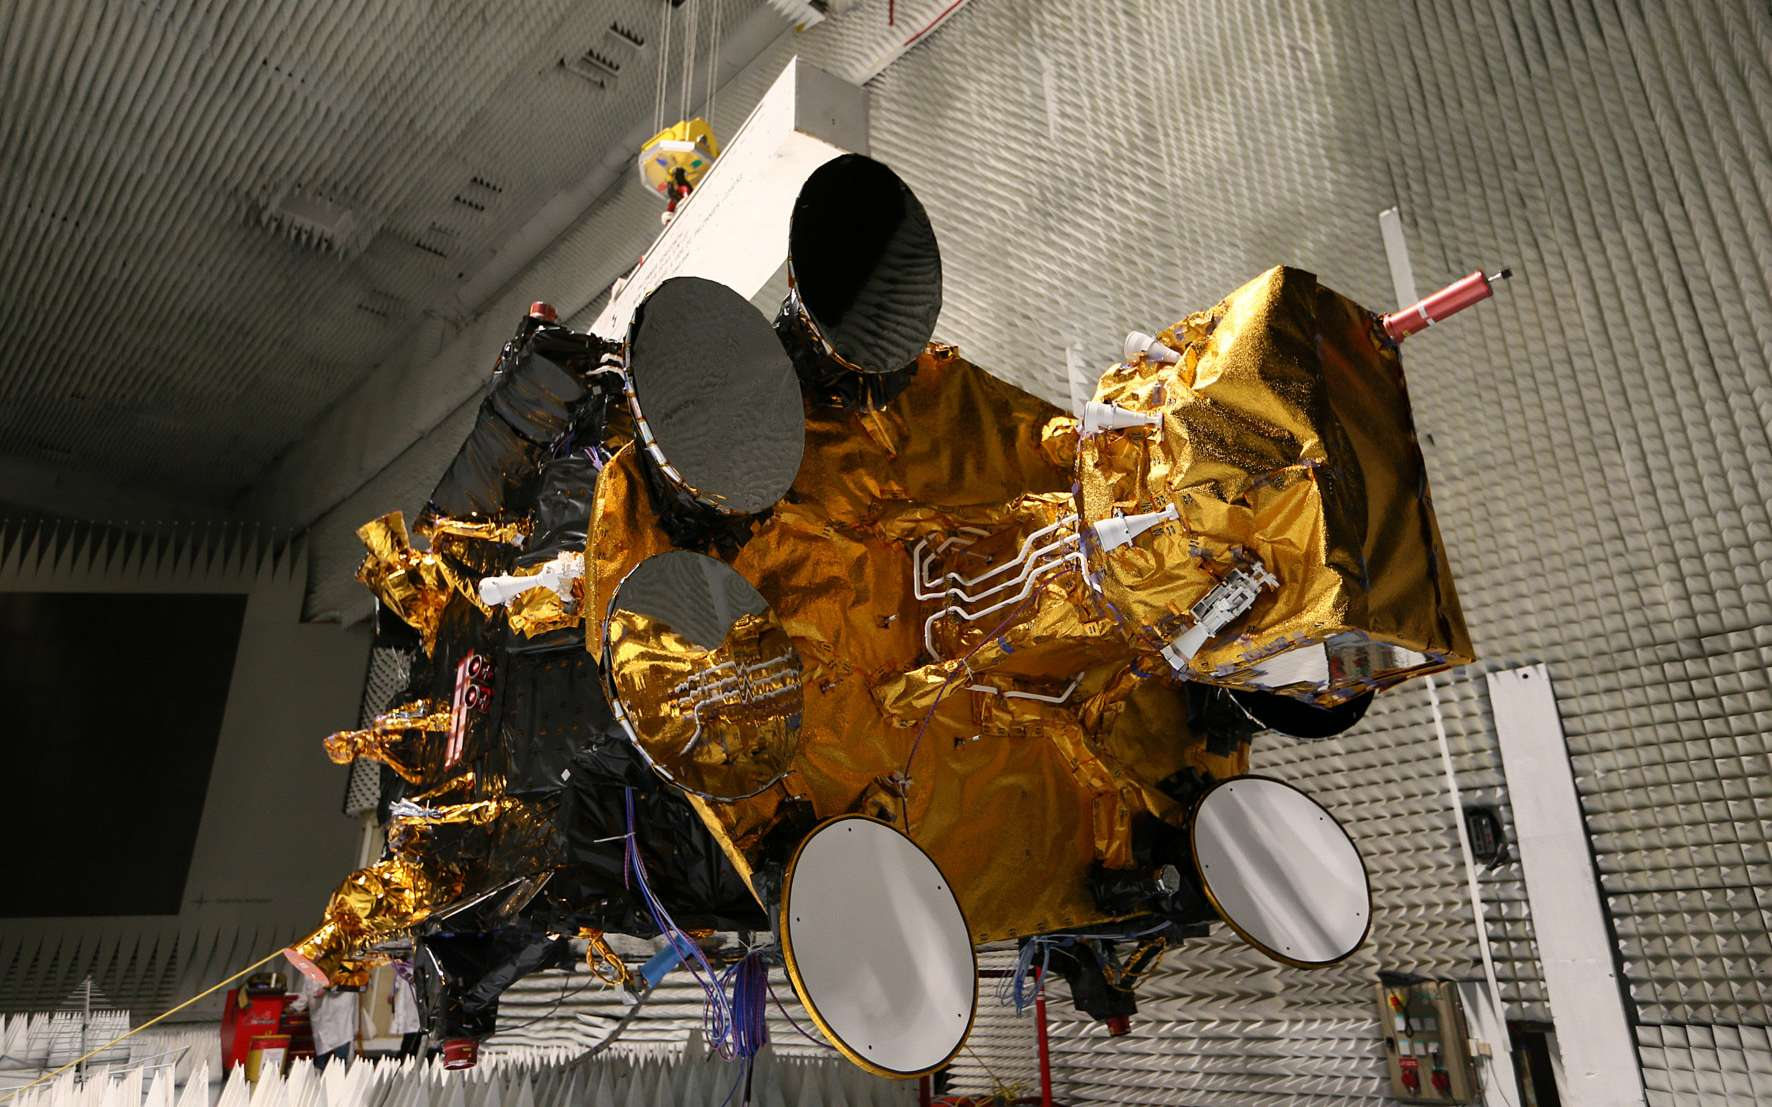 Dans la chambre anéchoïque de l'usine cannoise de Thales Alenia Space, le satellite de télécommunications Athena-Fidus se prépare pour ses essais de compatibilité électromagnétique. © Thales Alenia Space, Paul Ridderhof